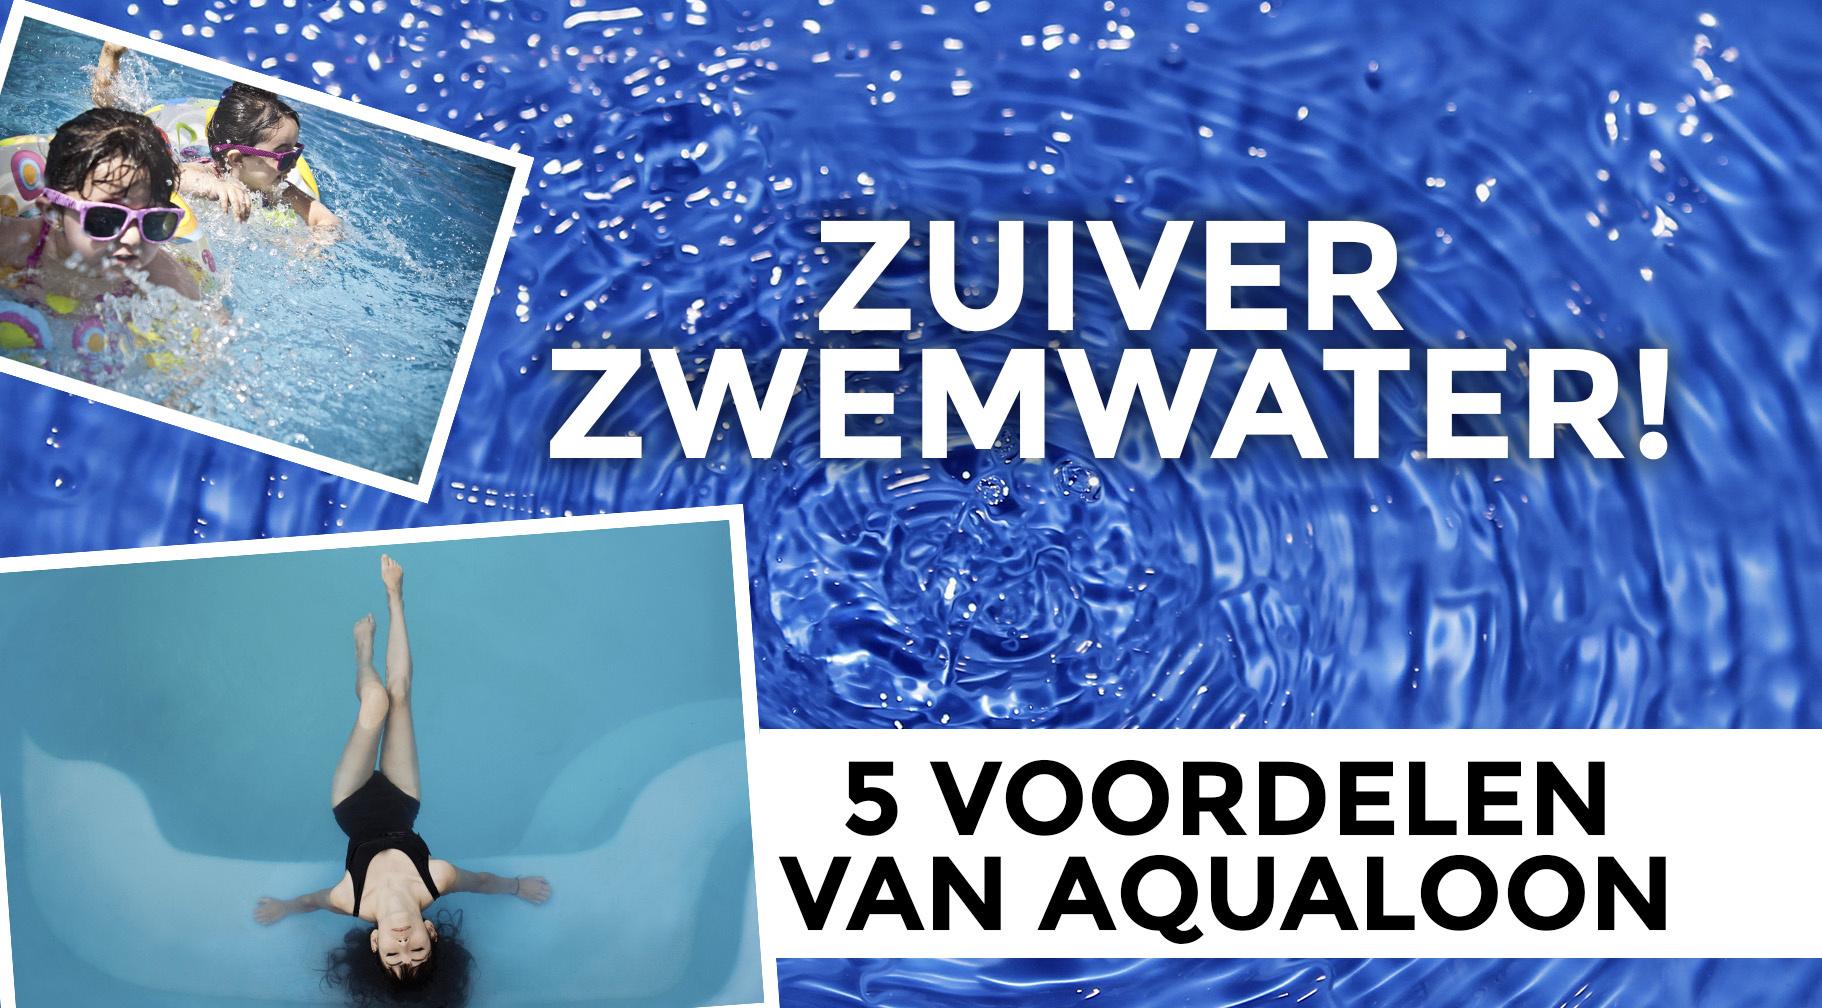 5 voordelen van Aqualoon